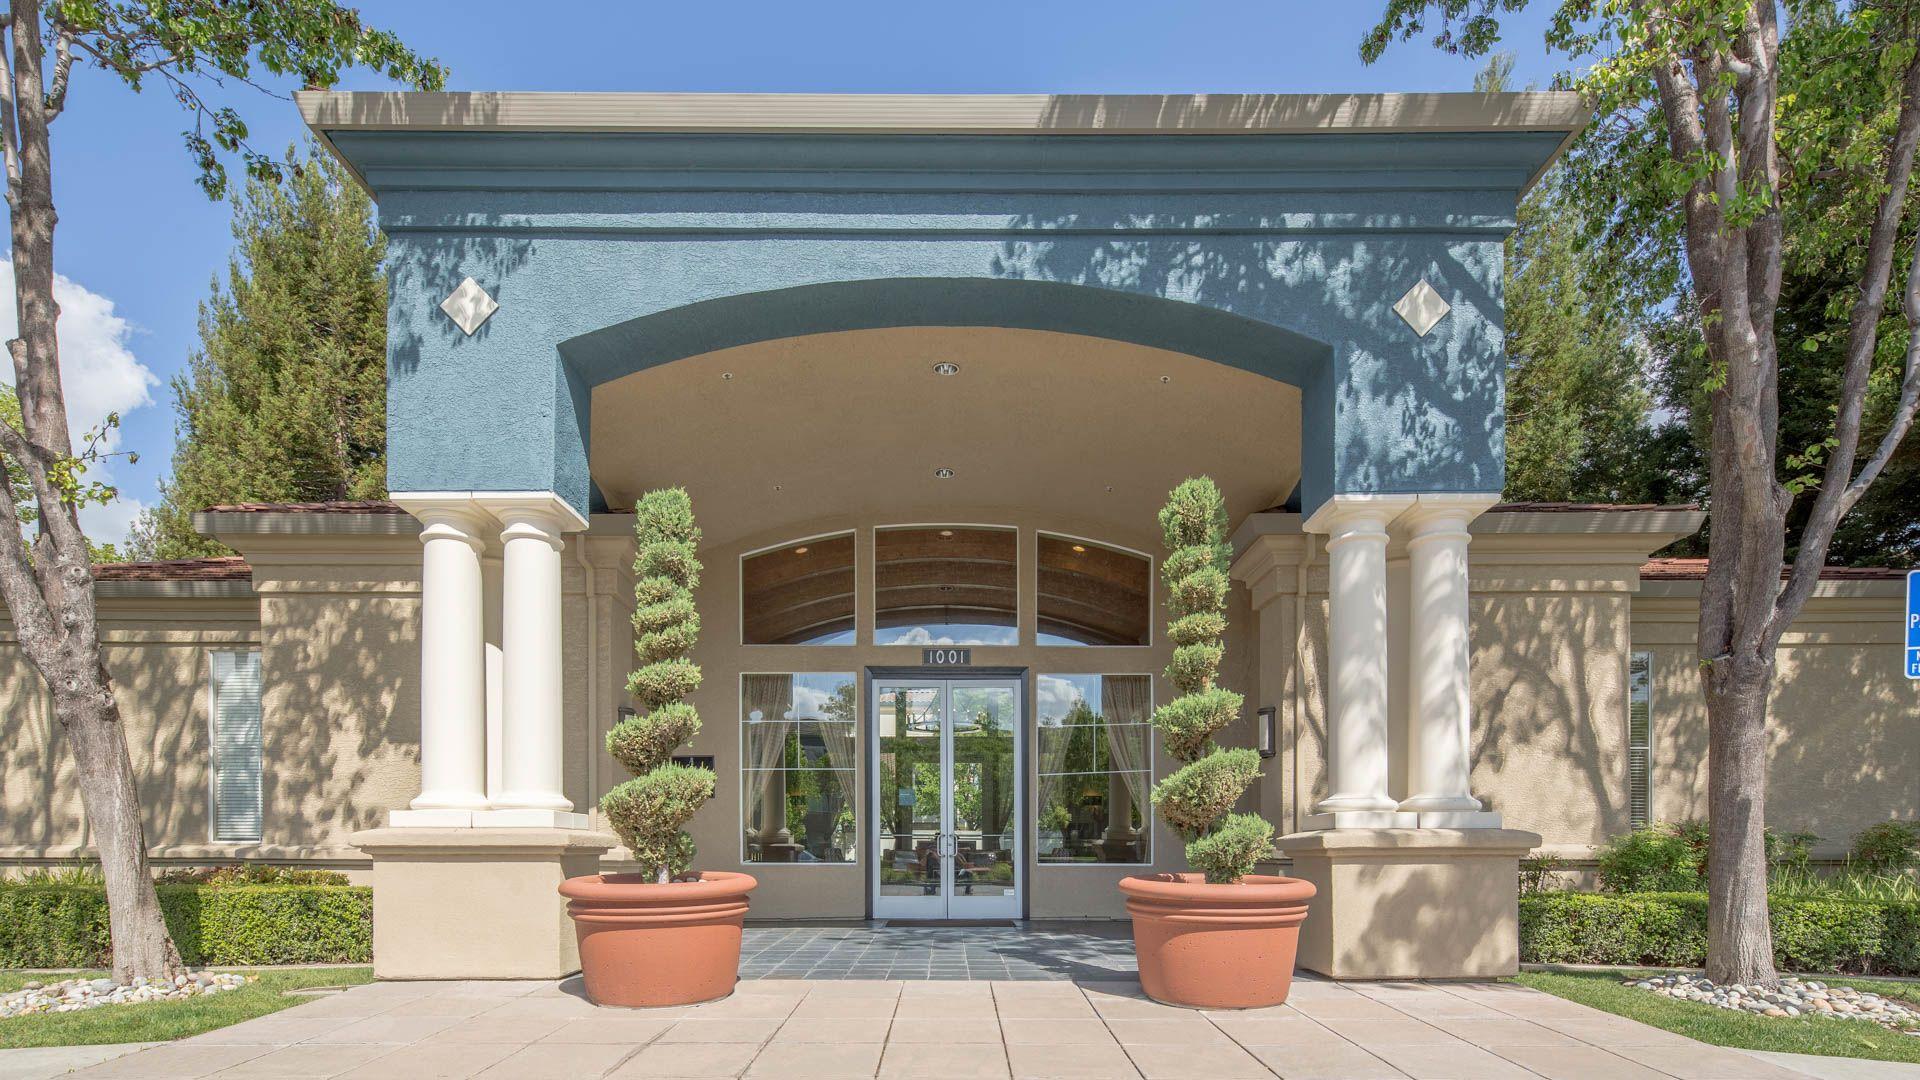 Alborada Apartments - Leasing Office